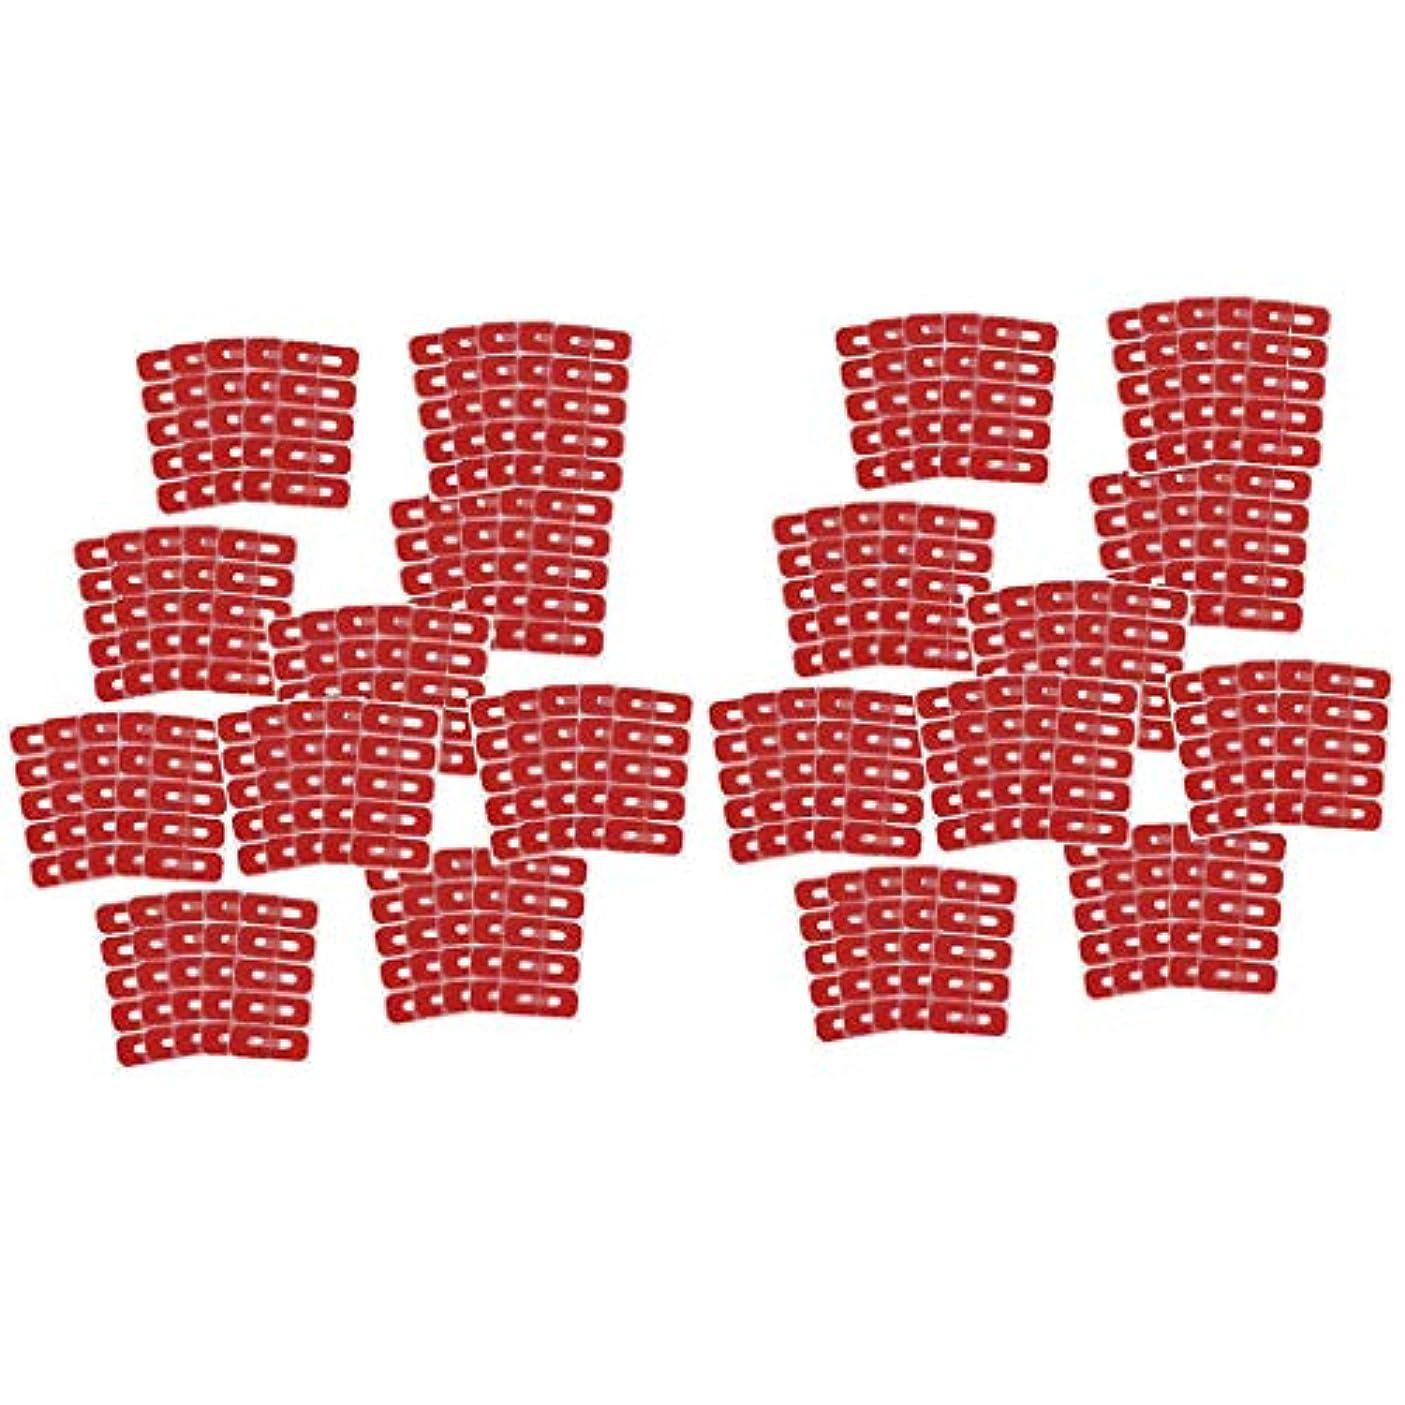 ひいきにする礼拝身元ネイルカバー ネイルプロテクター ネイルアート はみ出し防止 溢れを防止 マニキュア ネイルケア